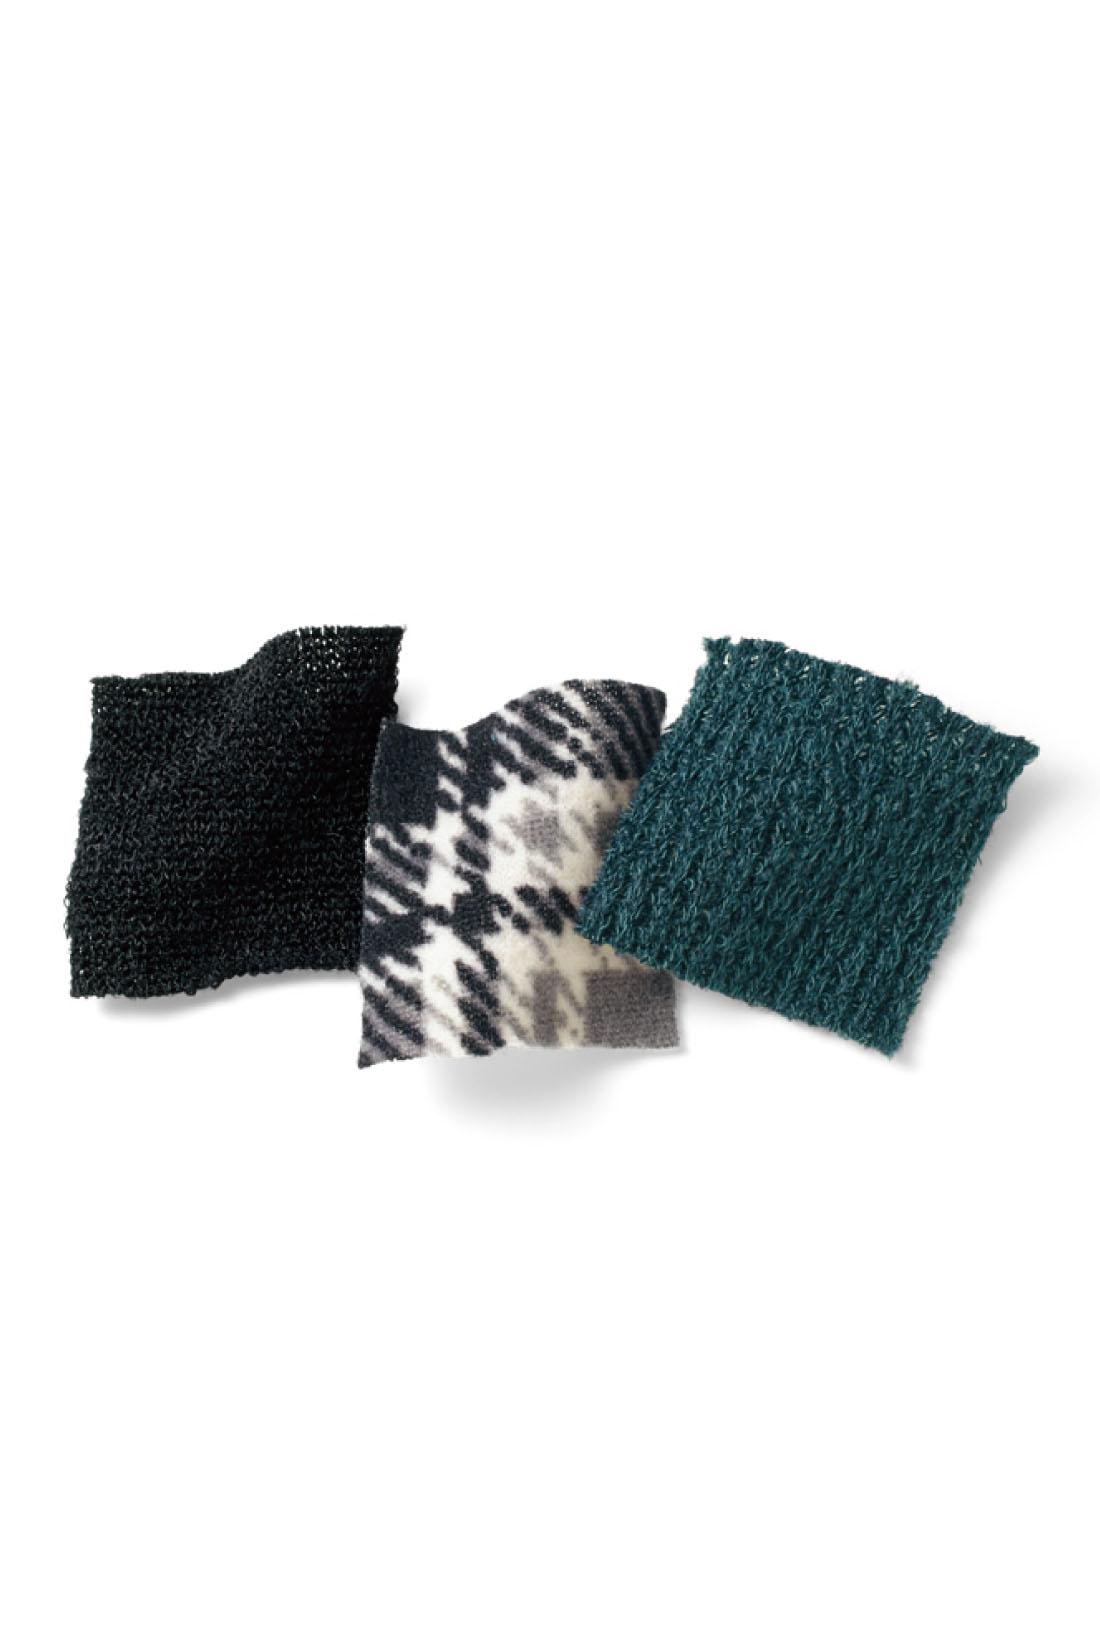 落ち感がきれいなカーディガンは、縦うねの表面感がきれいなニットソー。チュニックの身ごろは、暖かみと上質感のあるほどよい厚みの起毛カットソー。袖は無地でメリハリ感アップ。 ※お届けするカラーとは異なります。